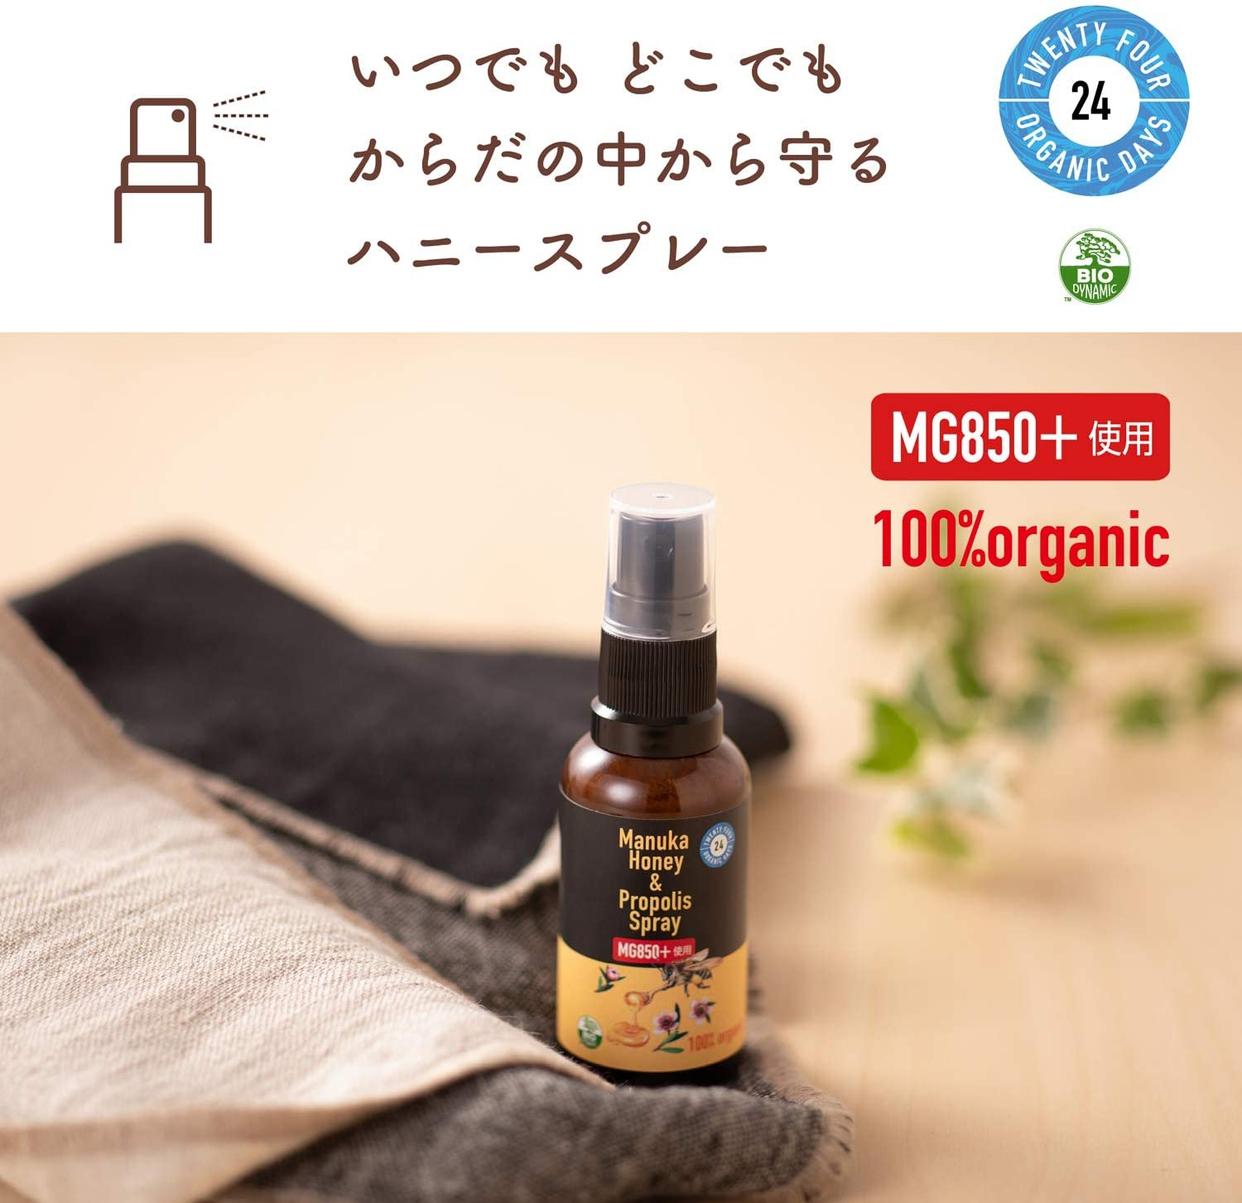 24 Organic Days(24オーガニックデイズ) マヌカハニー&プロポリススプレーの商品画像2